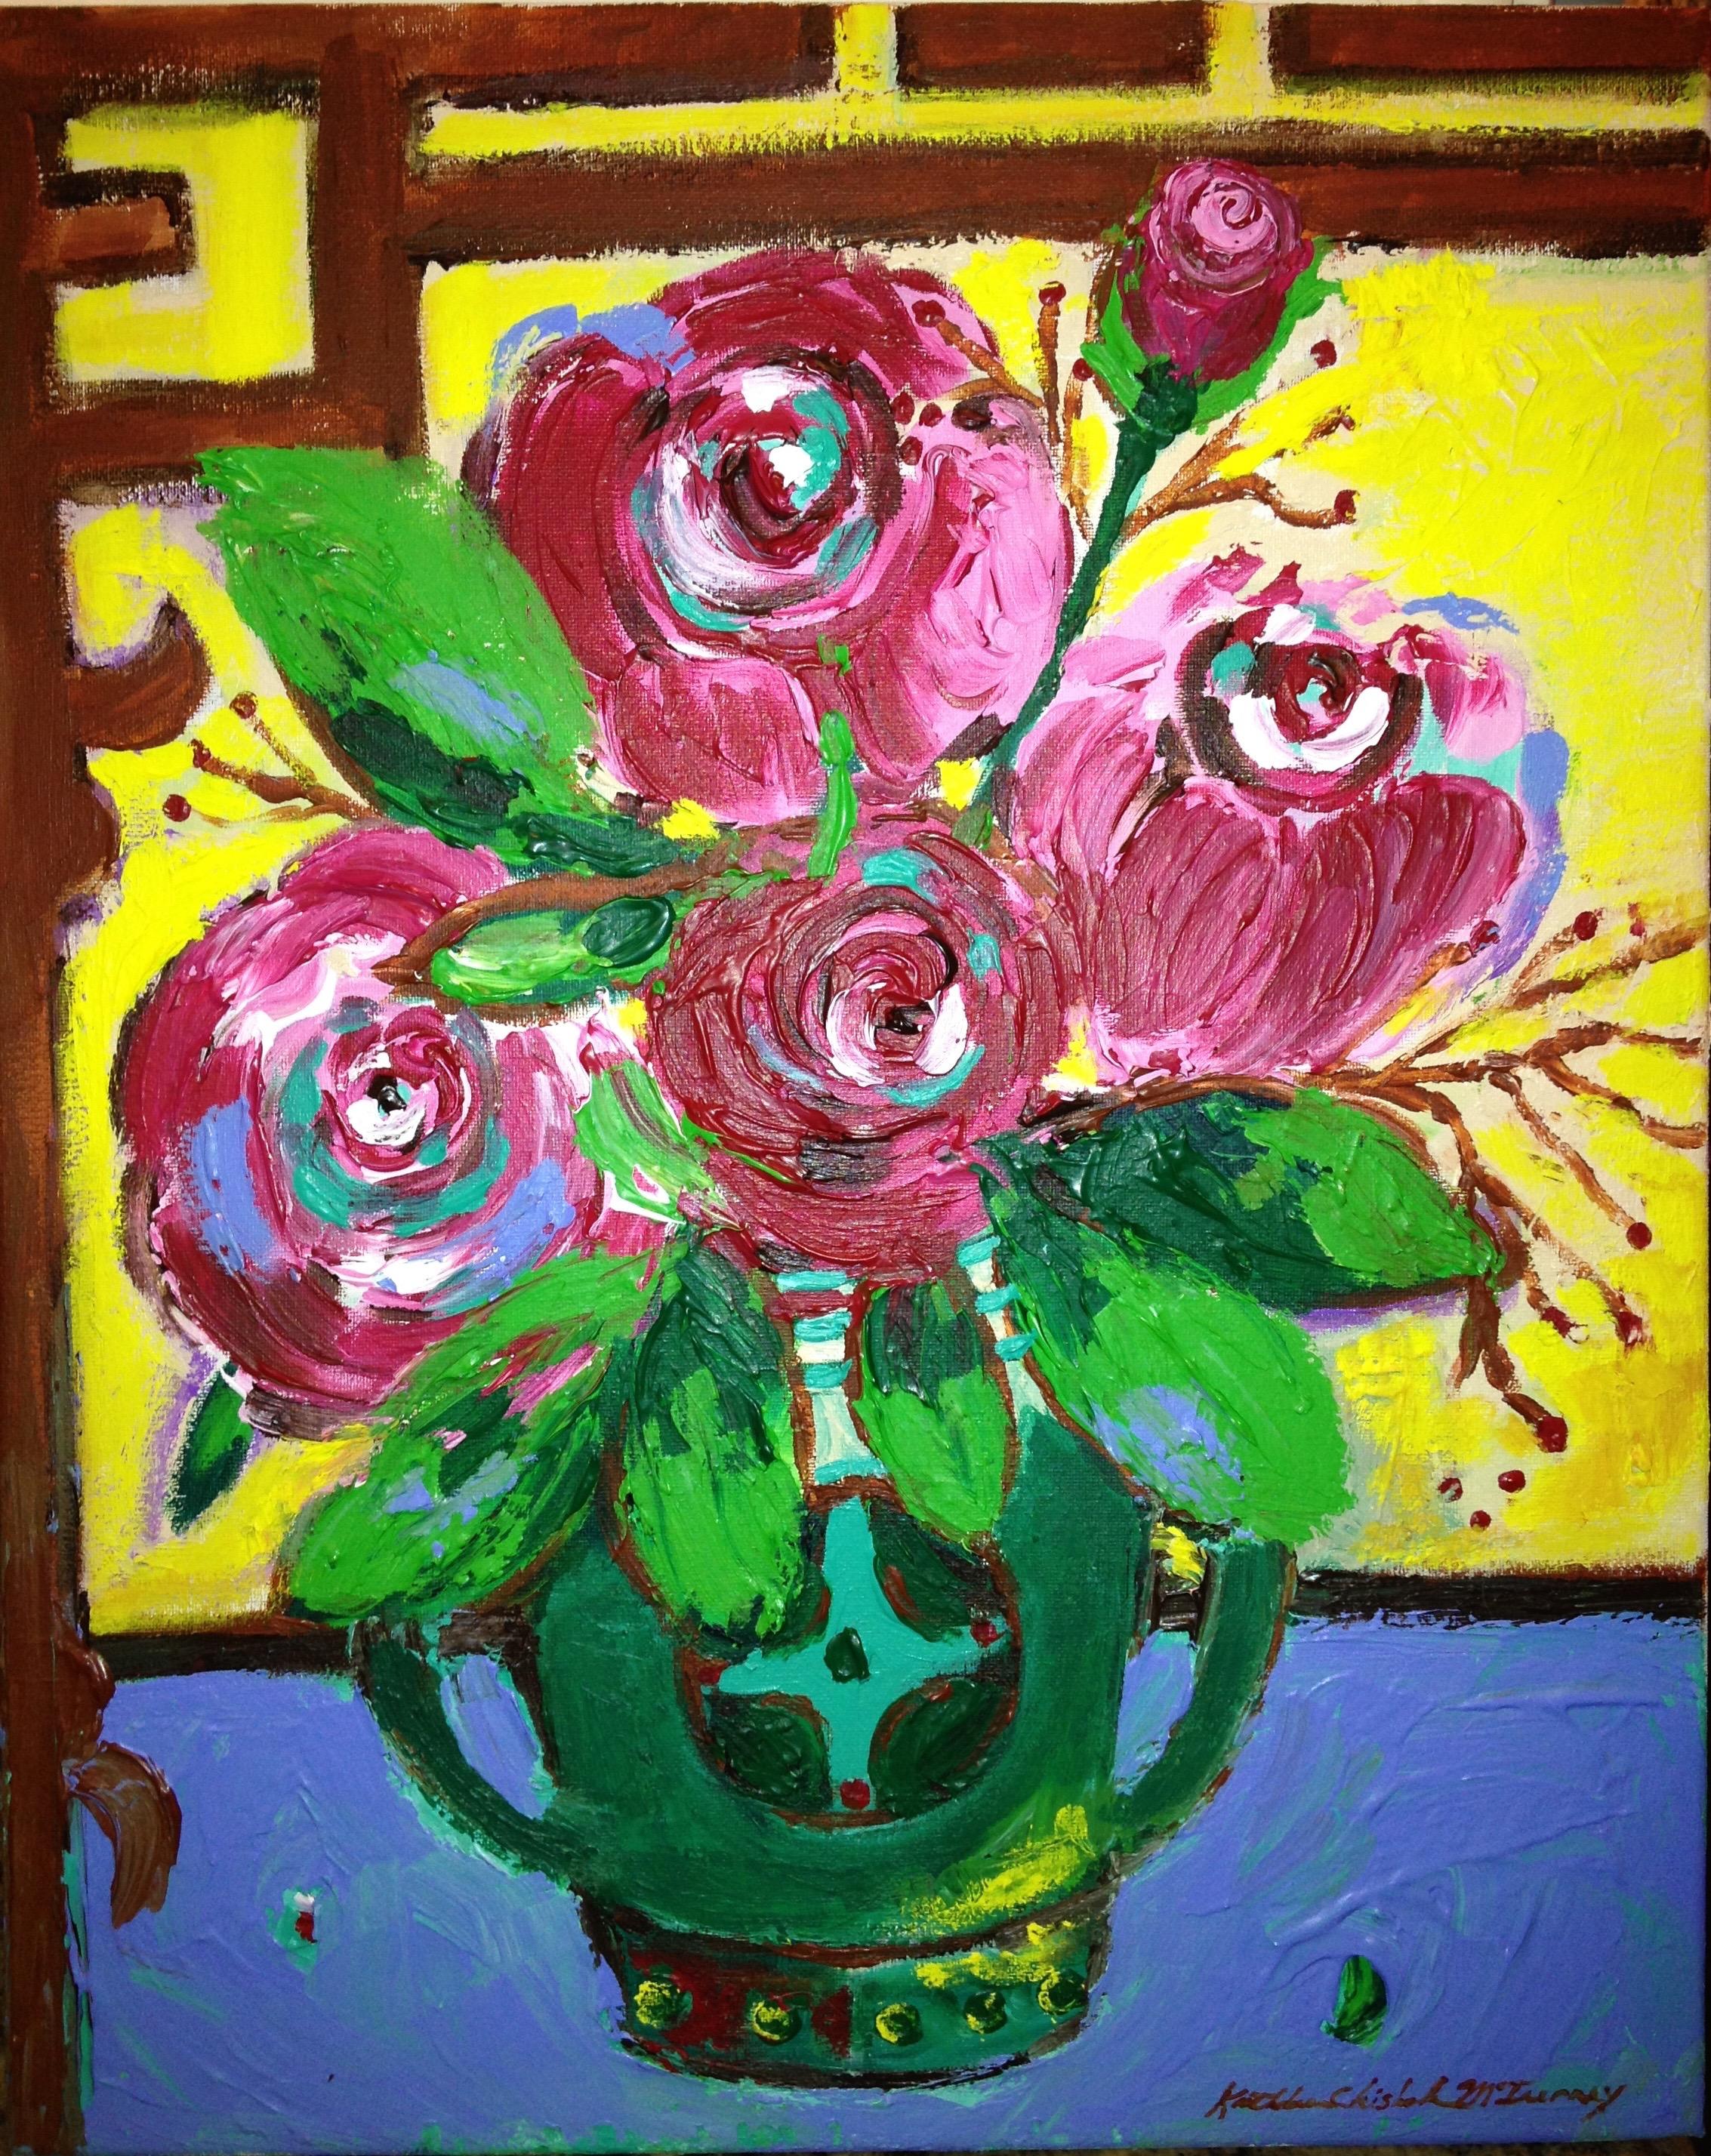 ART #17